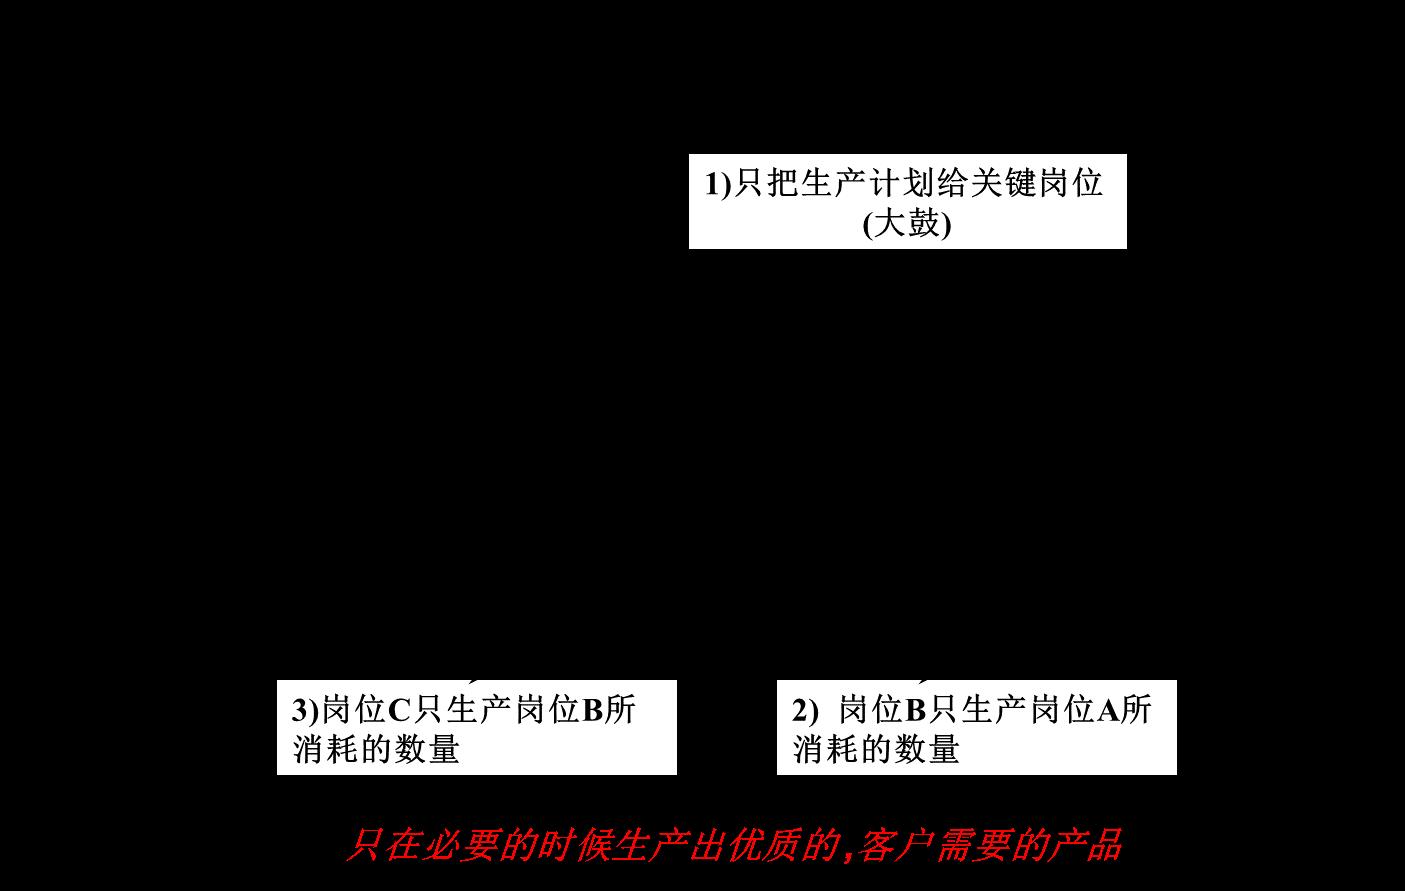 【原创好文】浅析拉动生产模式